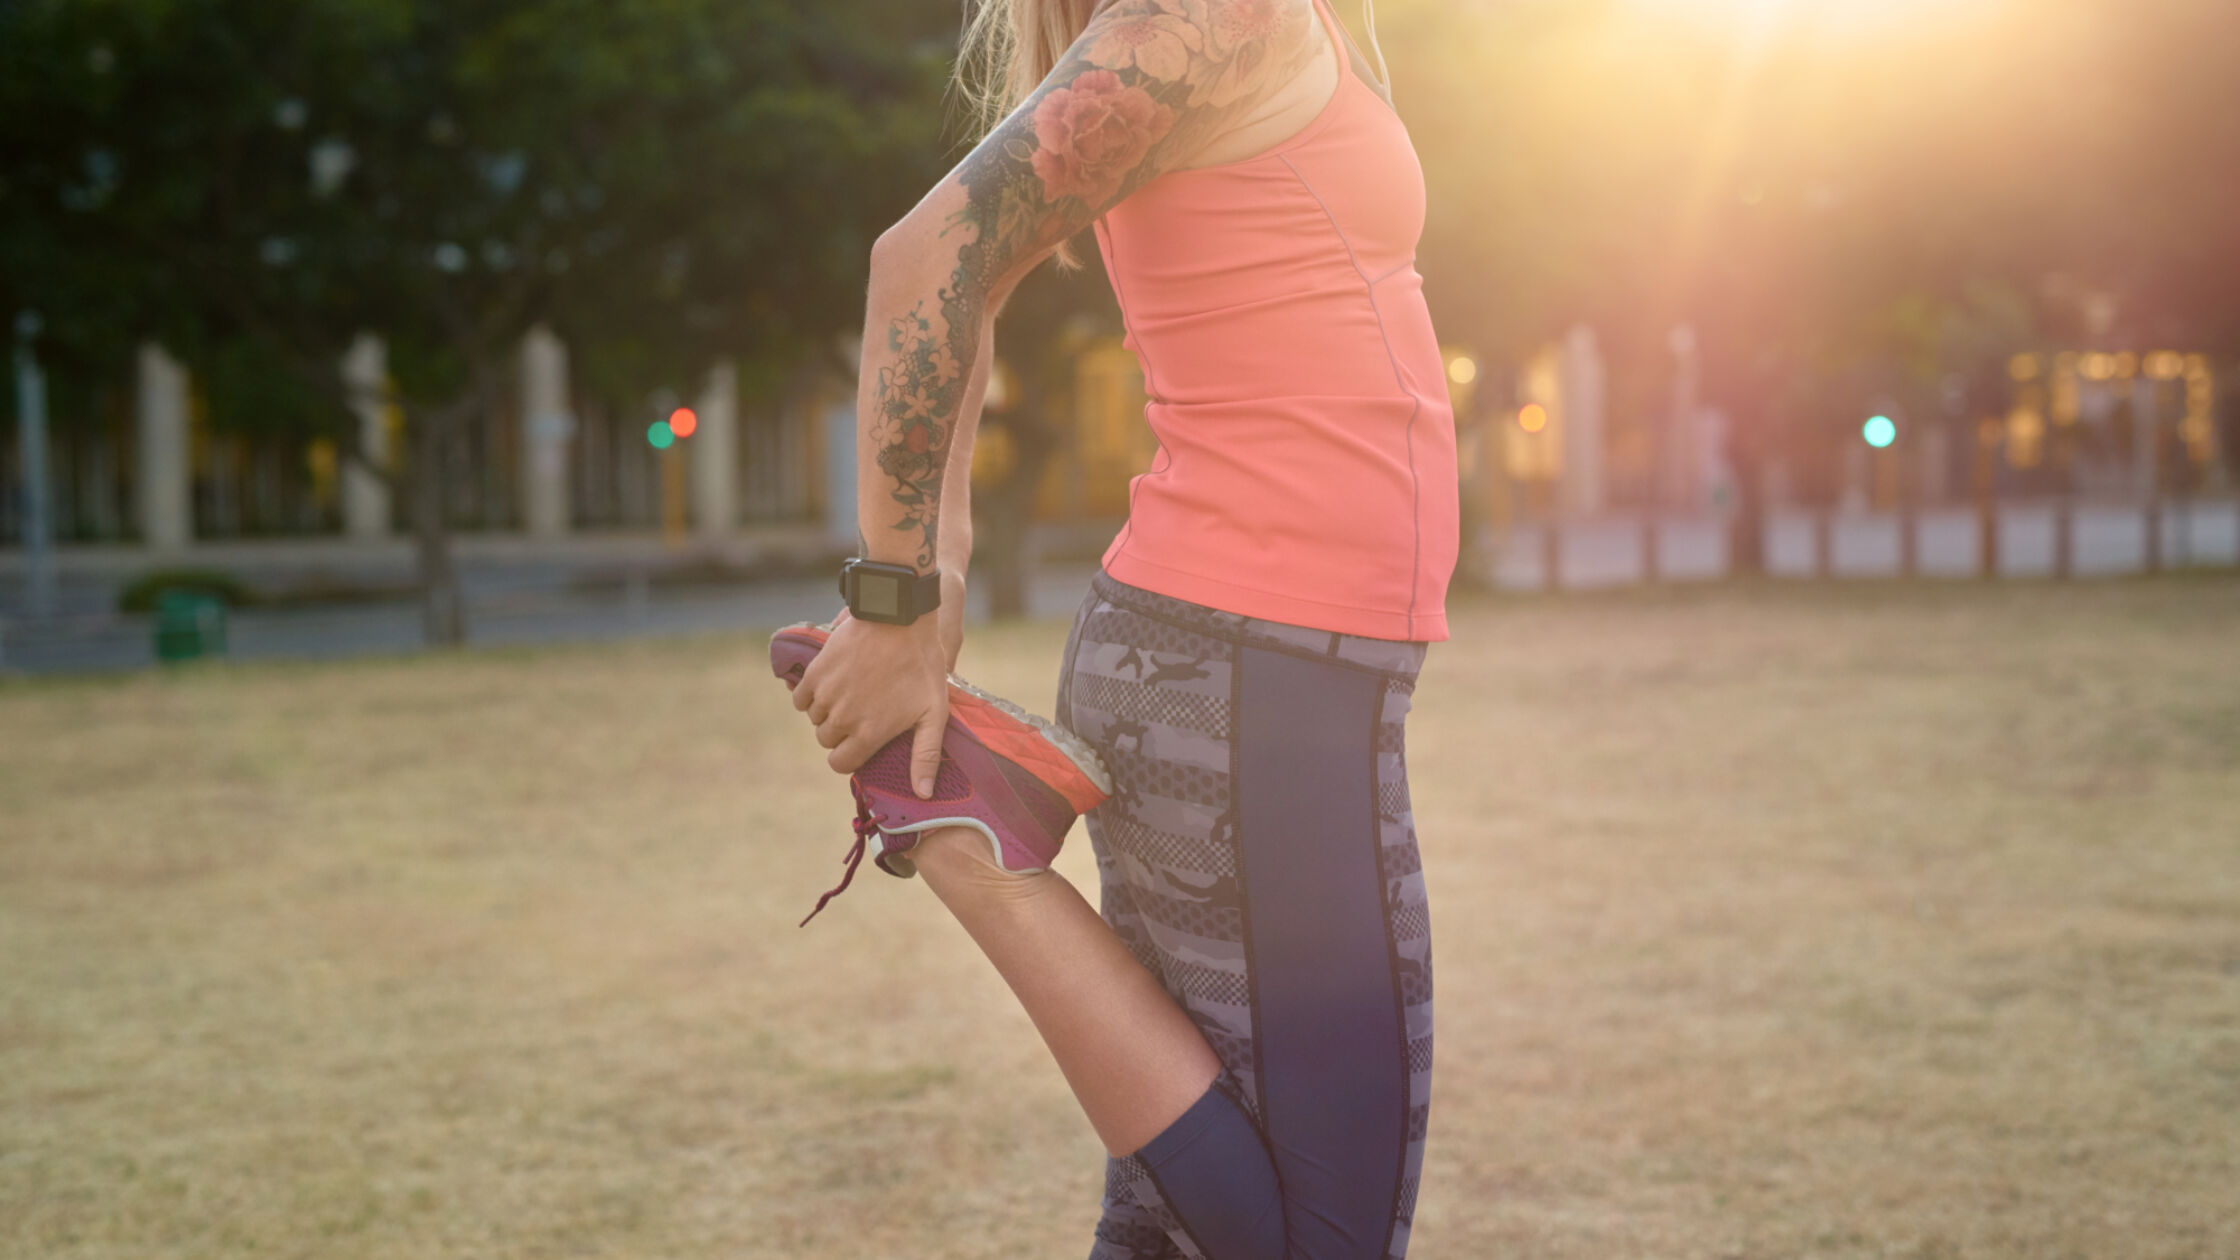 Minder zweten door een tatoeage